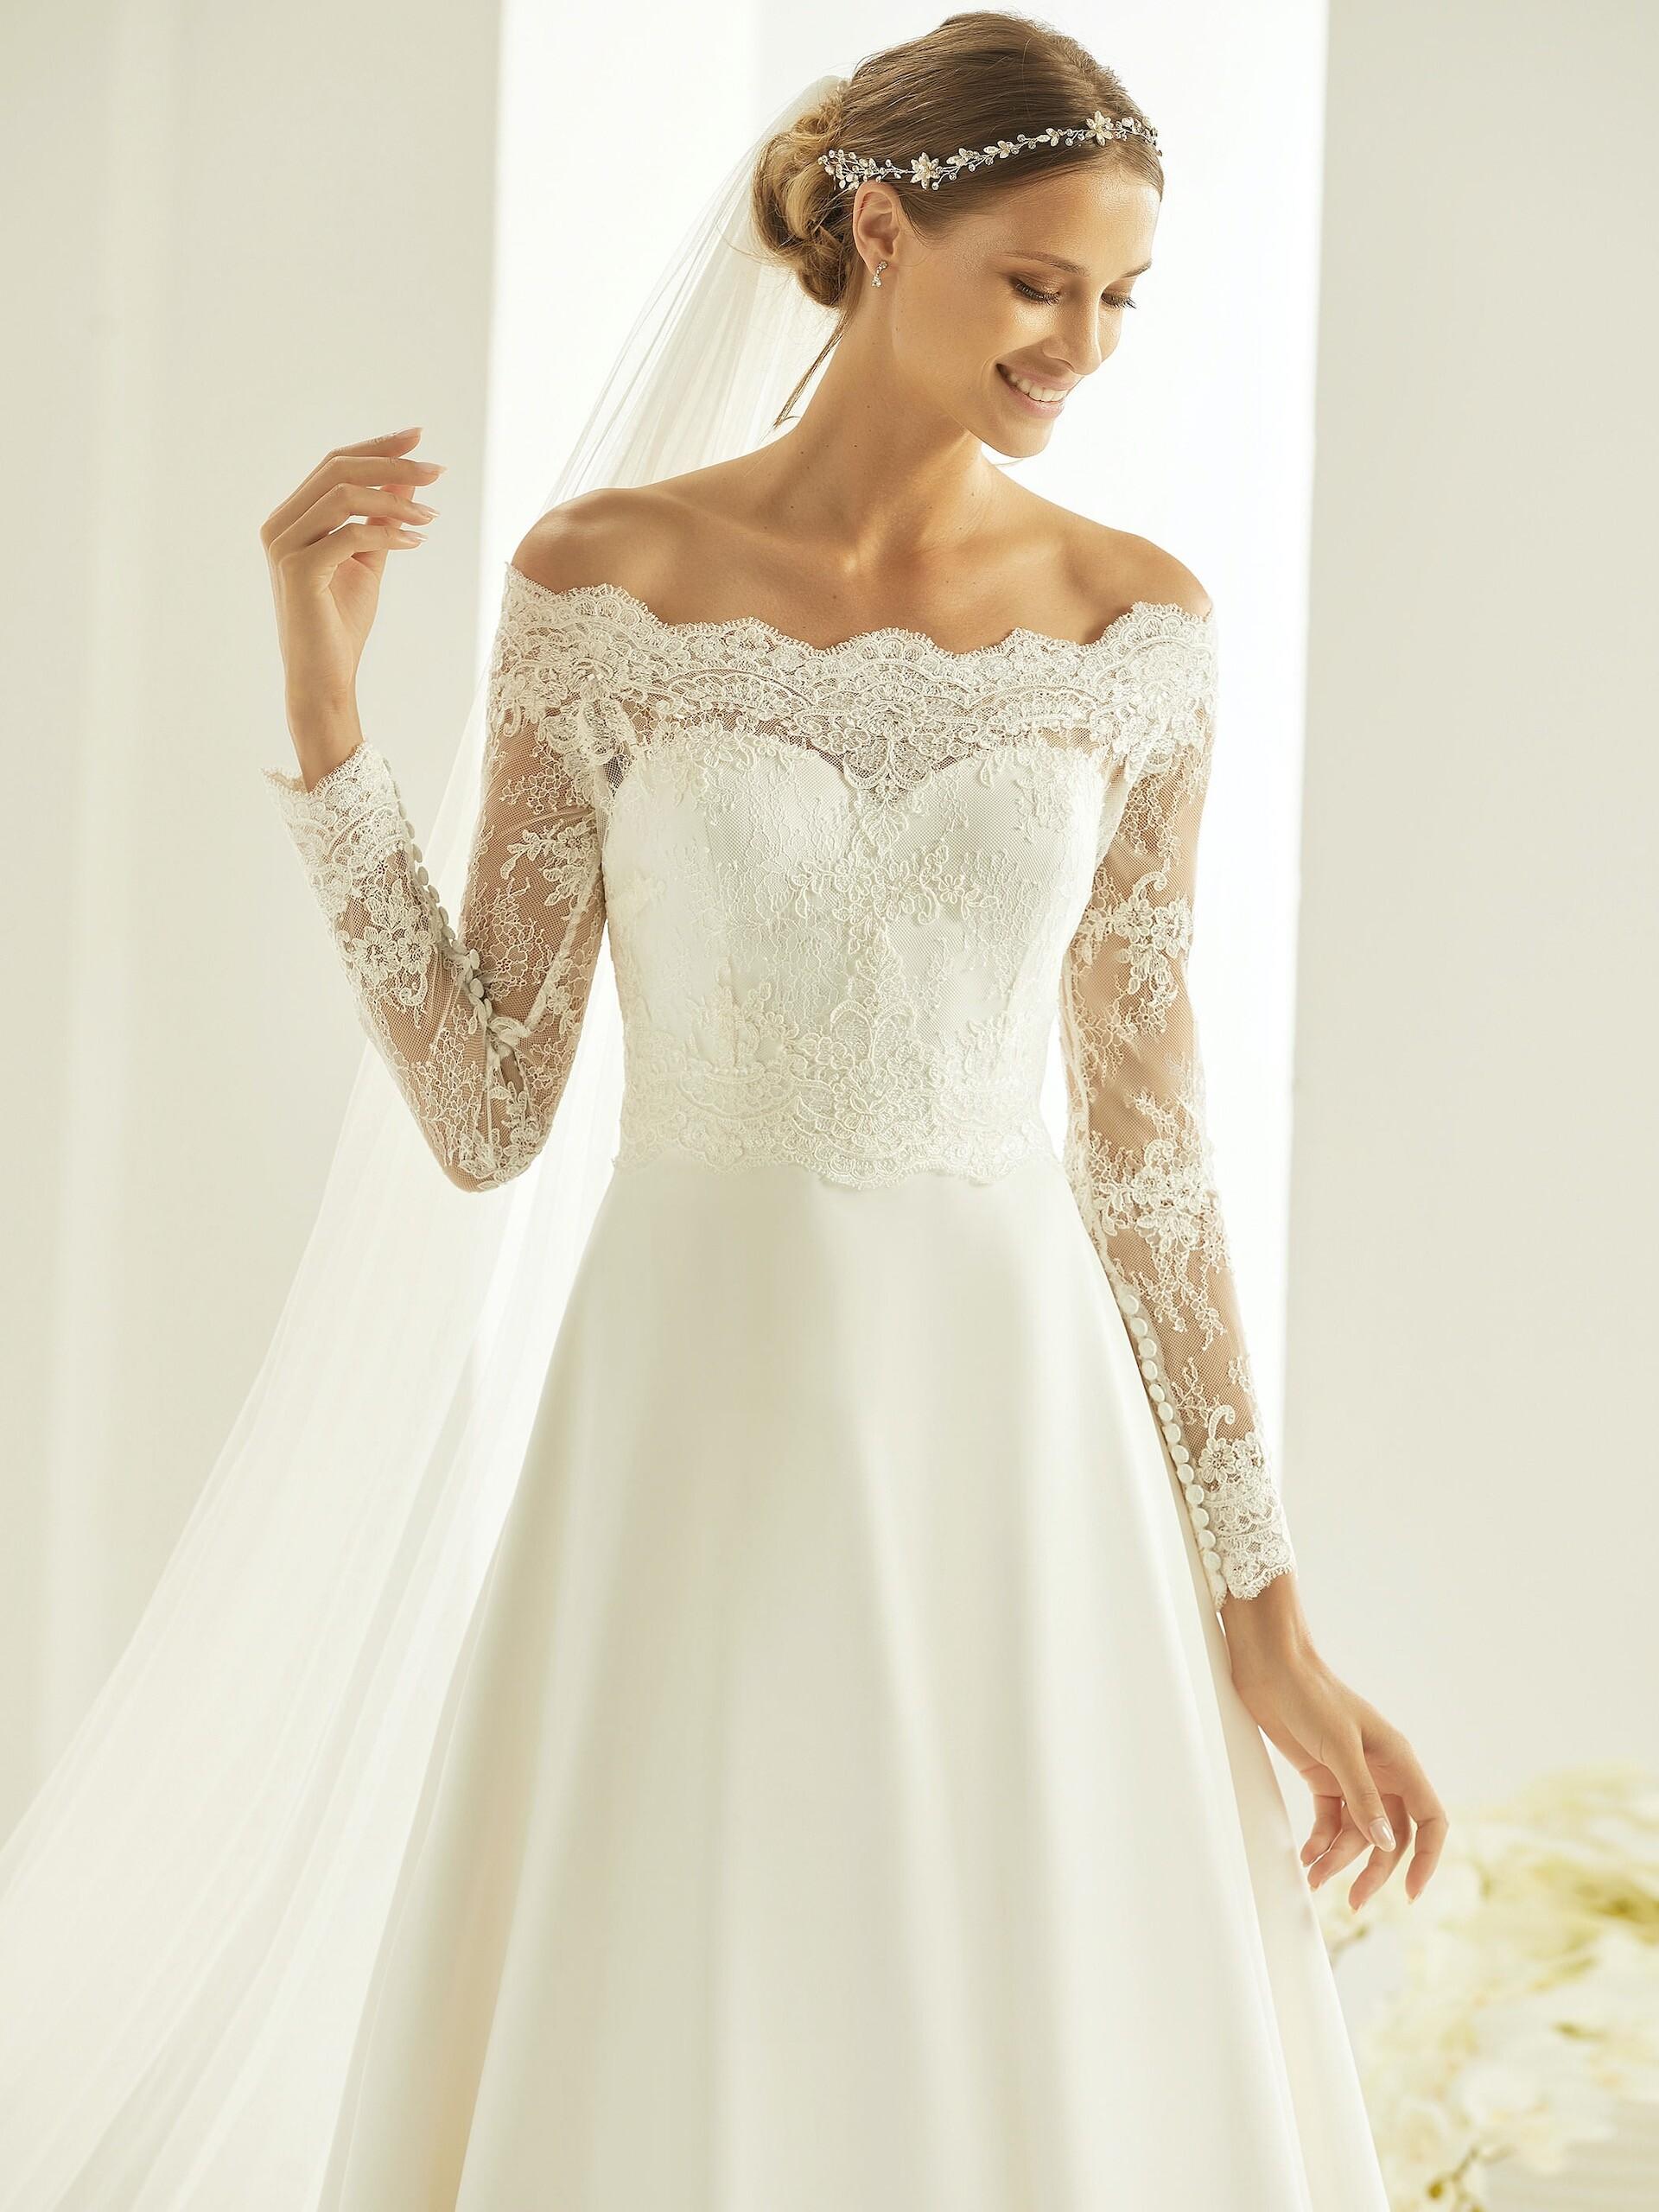 Brautkleid in A-Linie mit Carmen-Ausschnitt von Bianco Evento